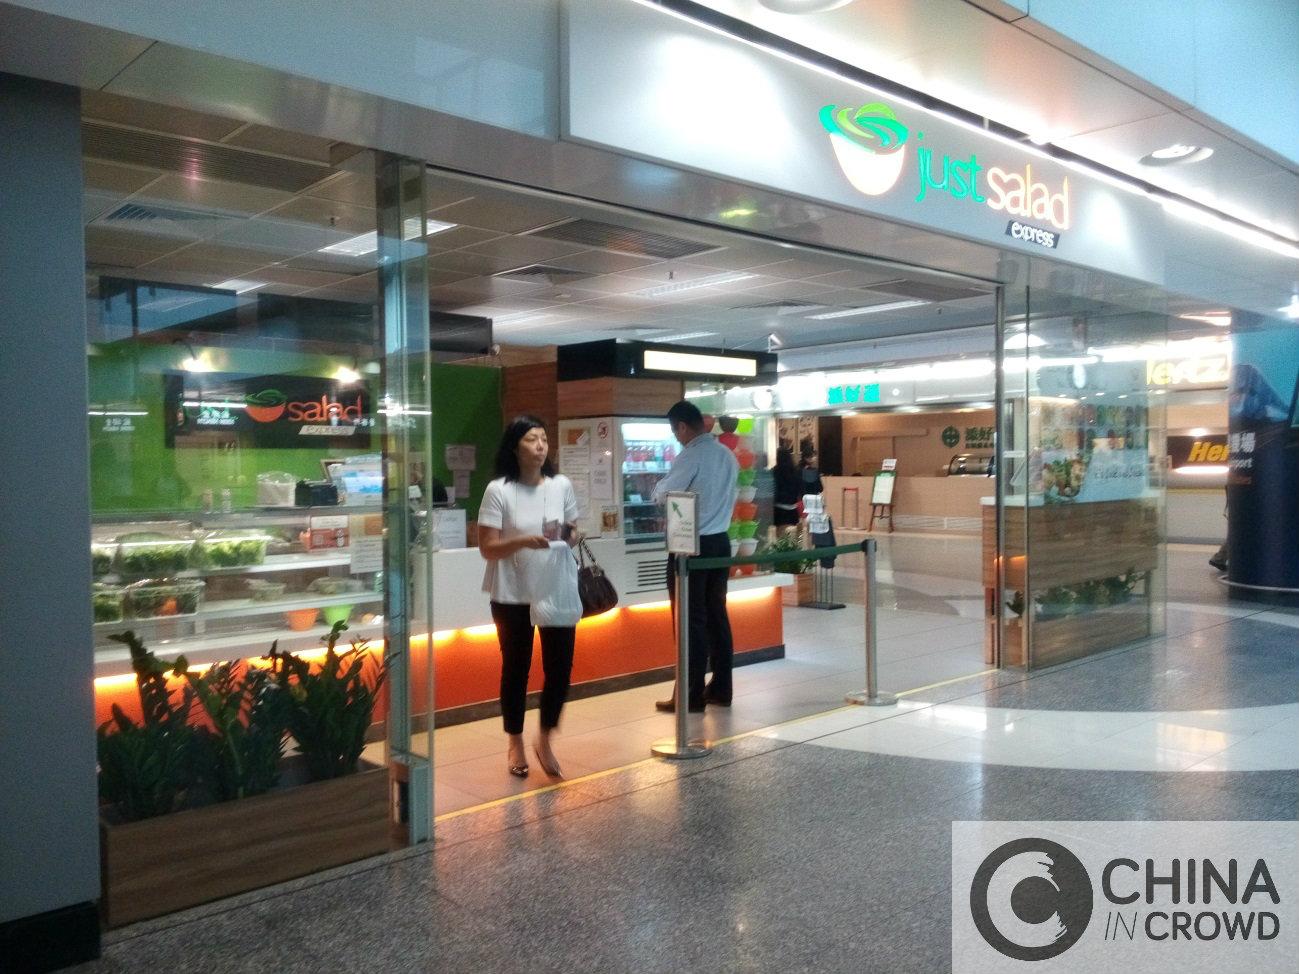 supermercado china